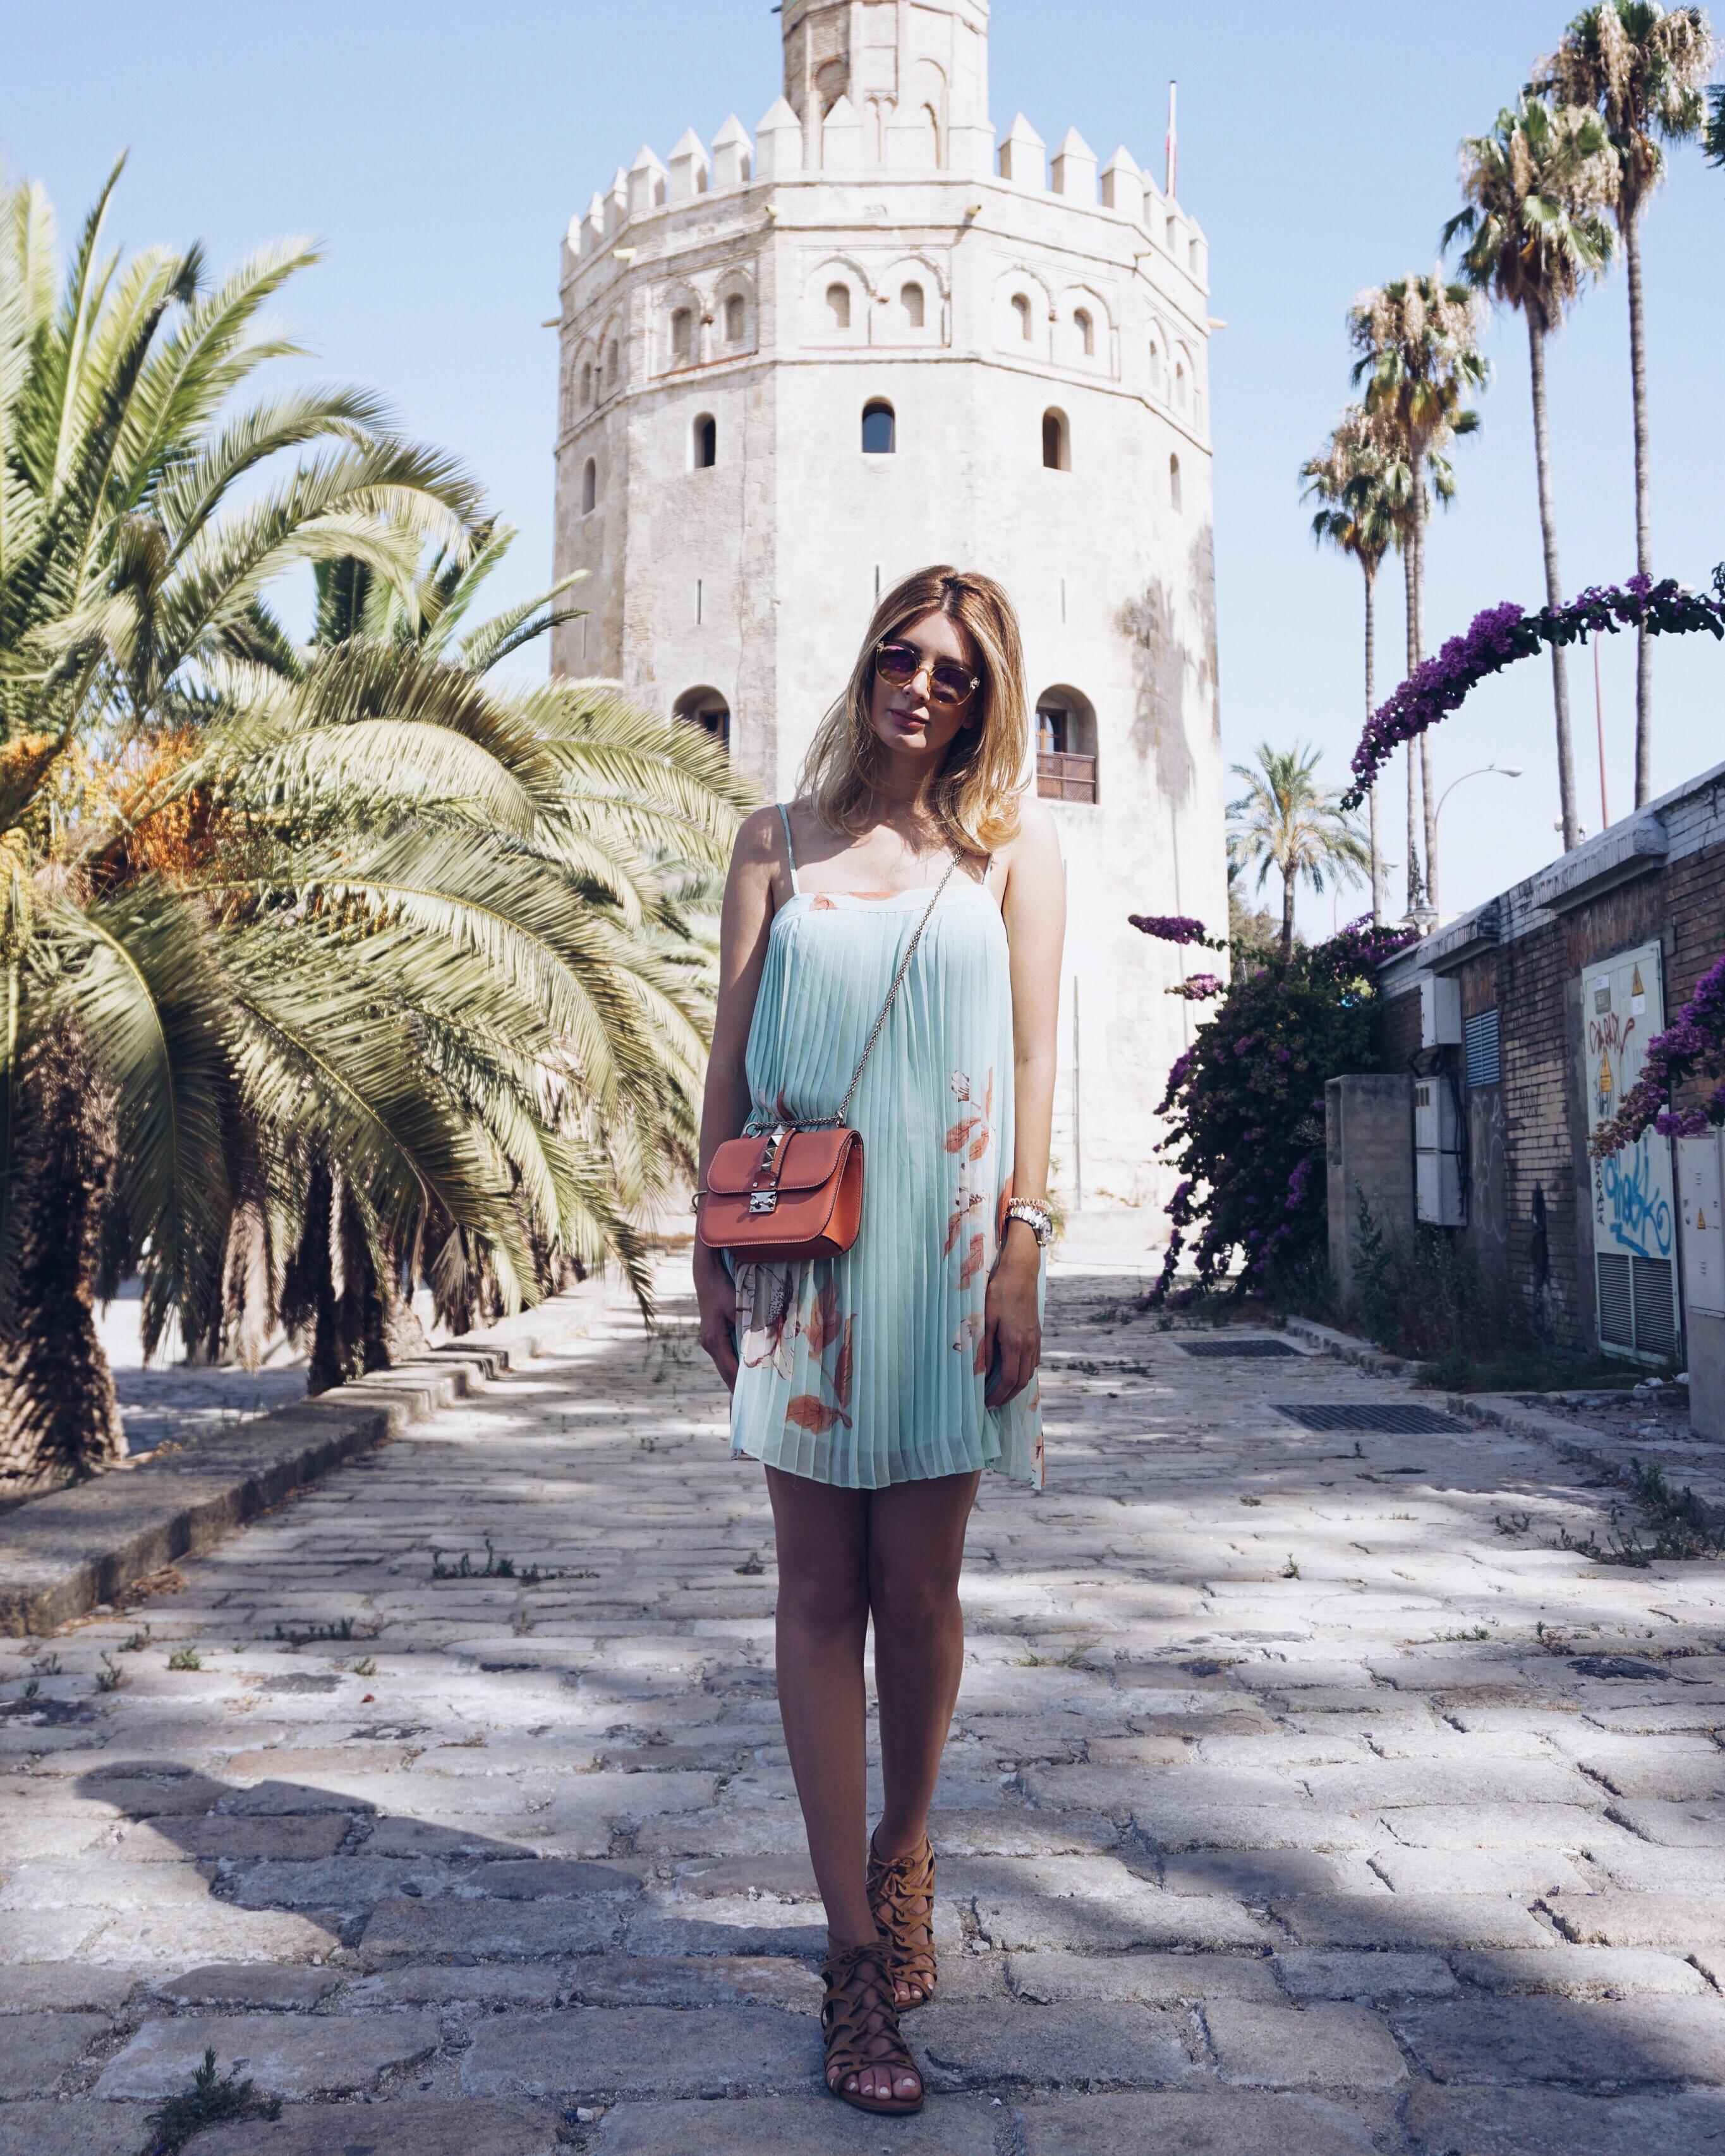 TRAVEL | Sevilla – a city between two cultures